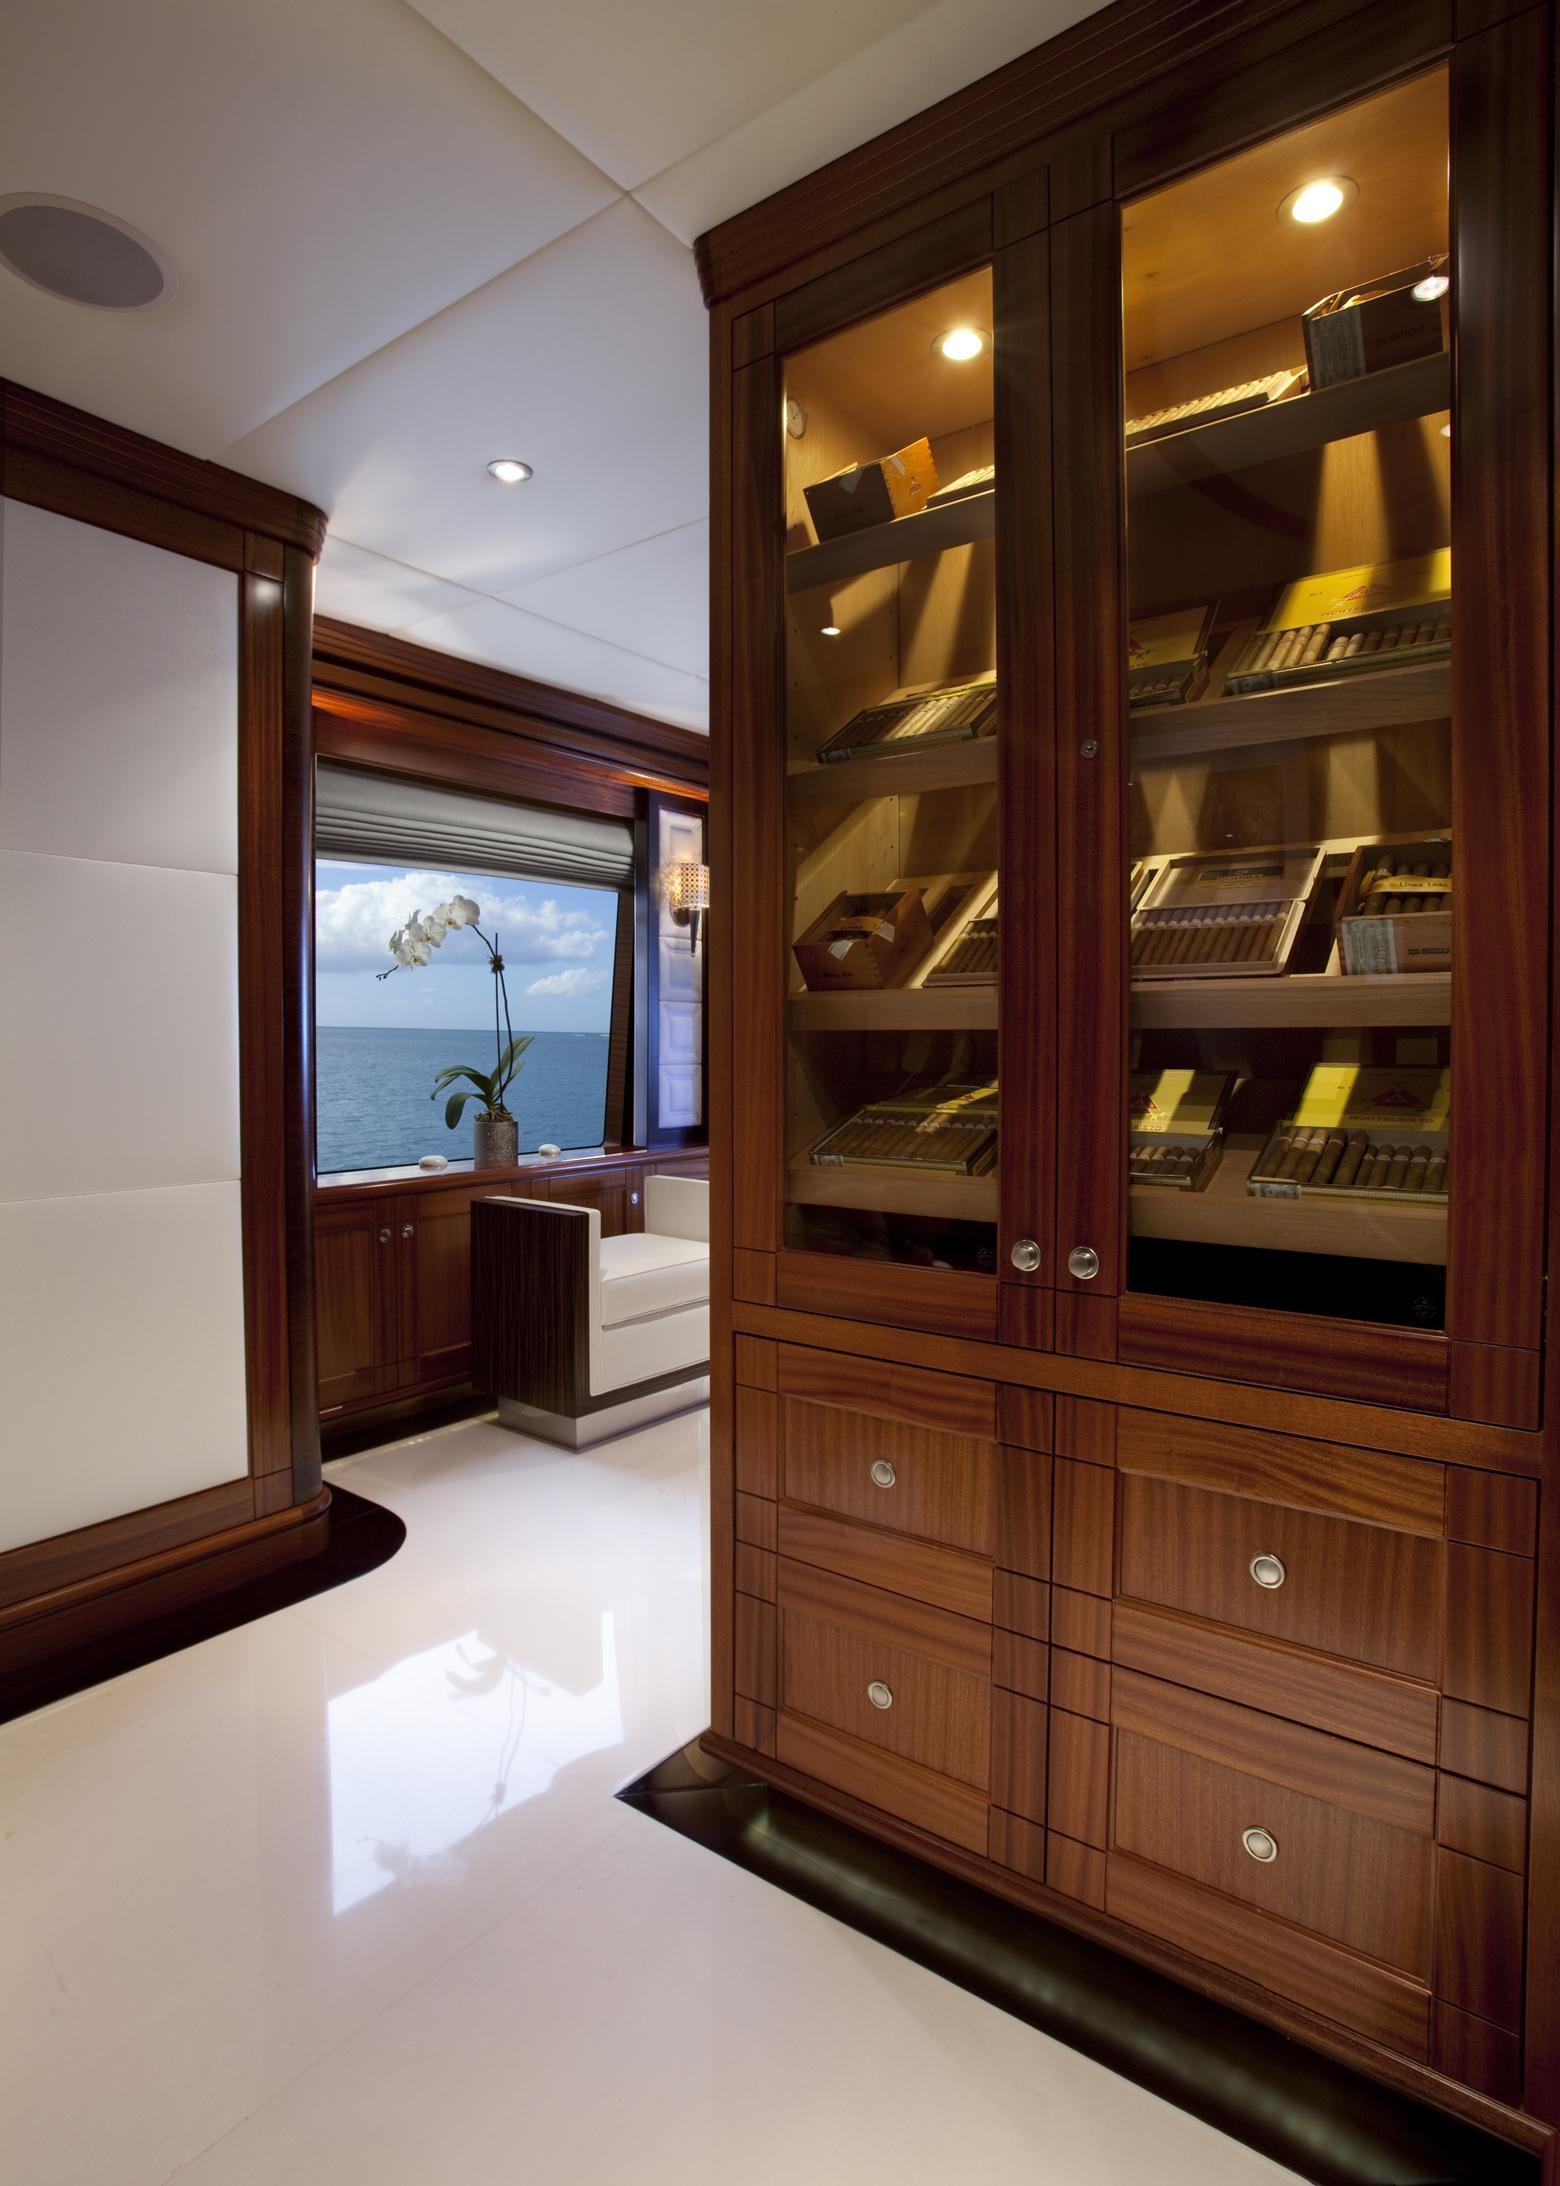 Interior - Details